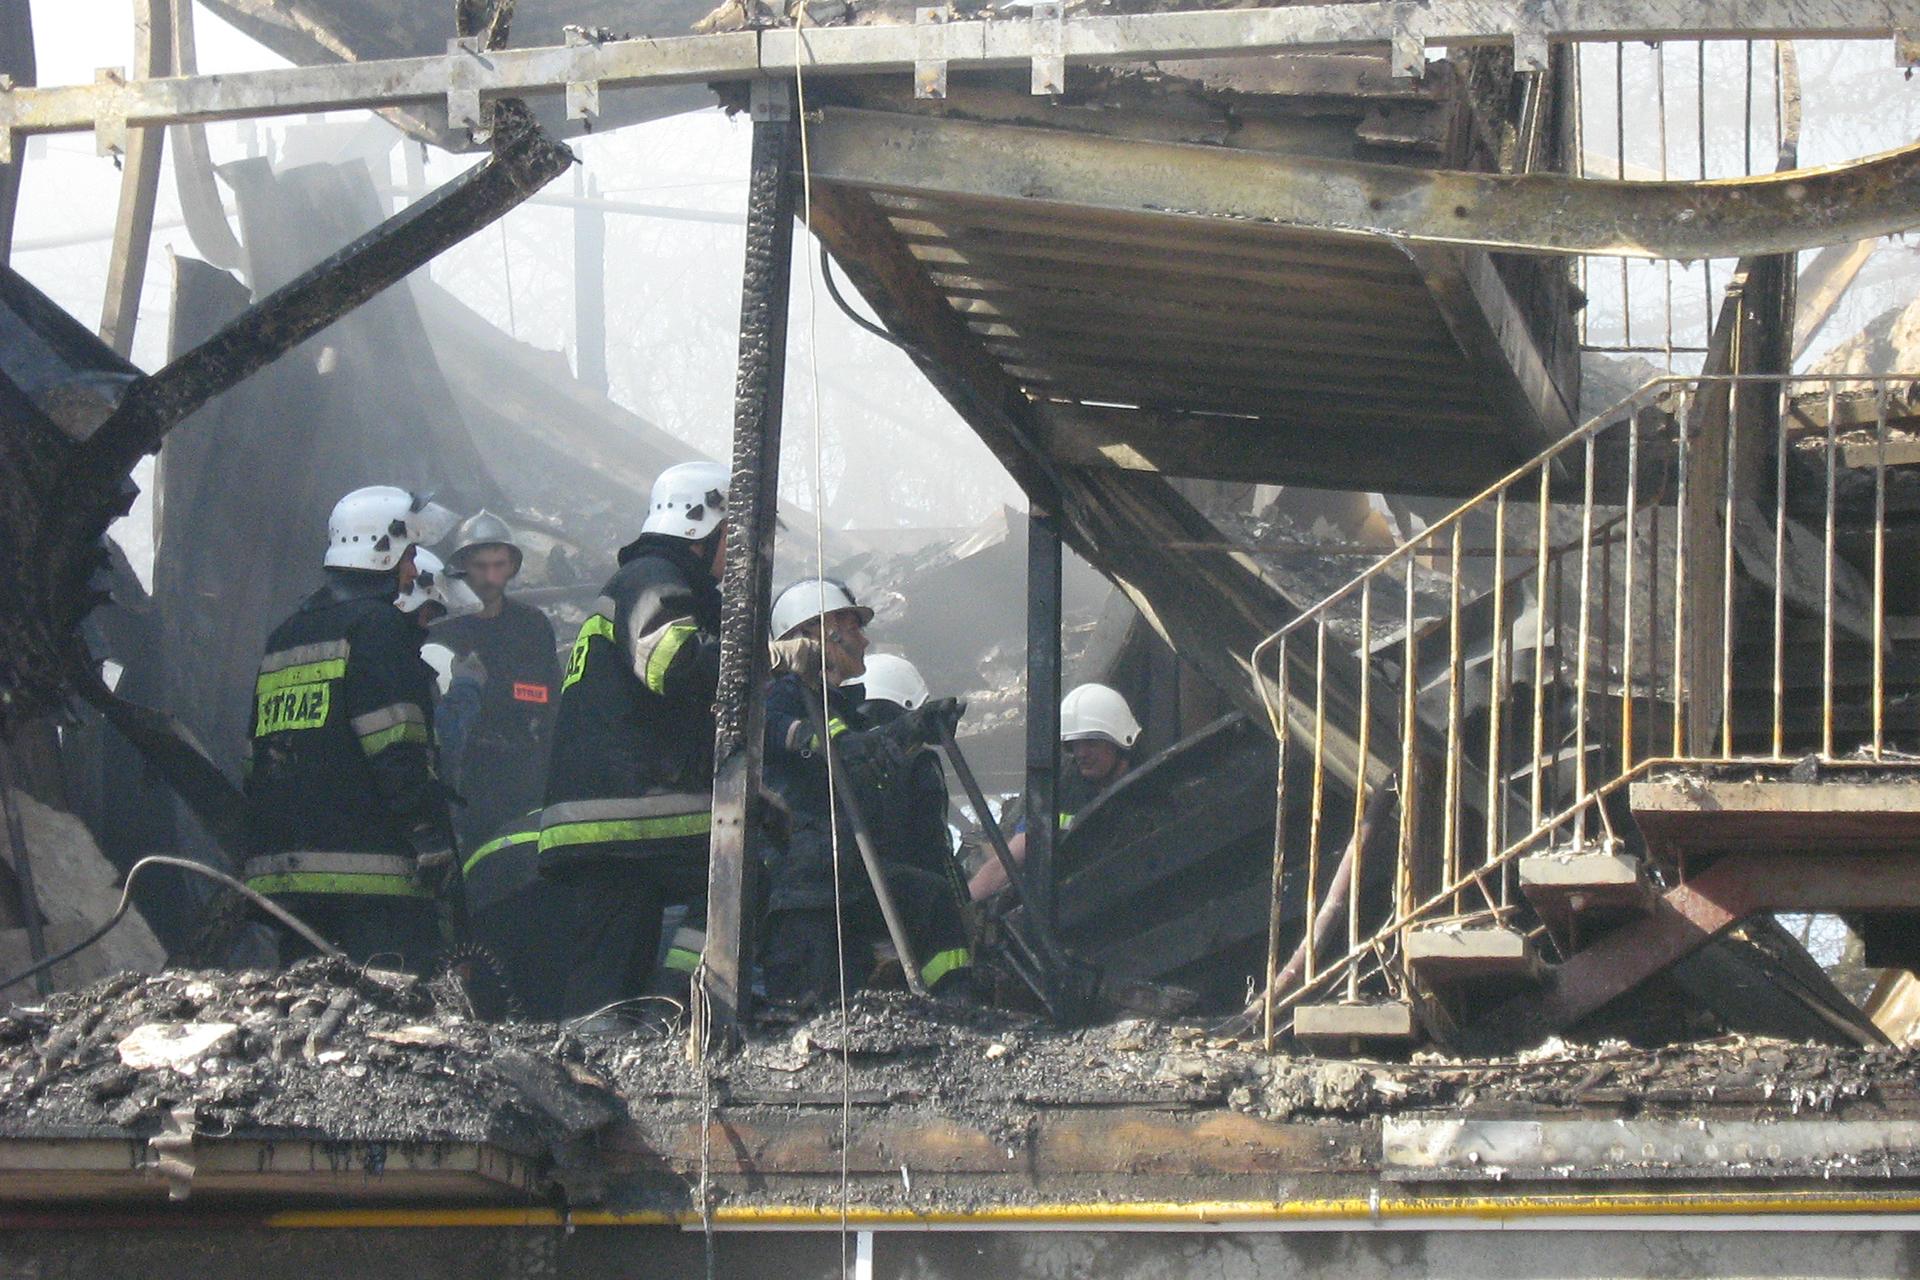 Kolorowe zdjęcie przedstawia akcję ratunkową podczas katastrofy budowlanej. Zdjęcie wykonane wciągu dnia. Na piętrze zawalonego budynku grupa strażaków sprawdza gruz wokół. Po prawej stronie metalowe poręcze wokół schodów. Stropy imetalowe podpory powyginane.